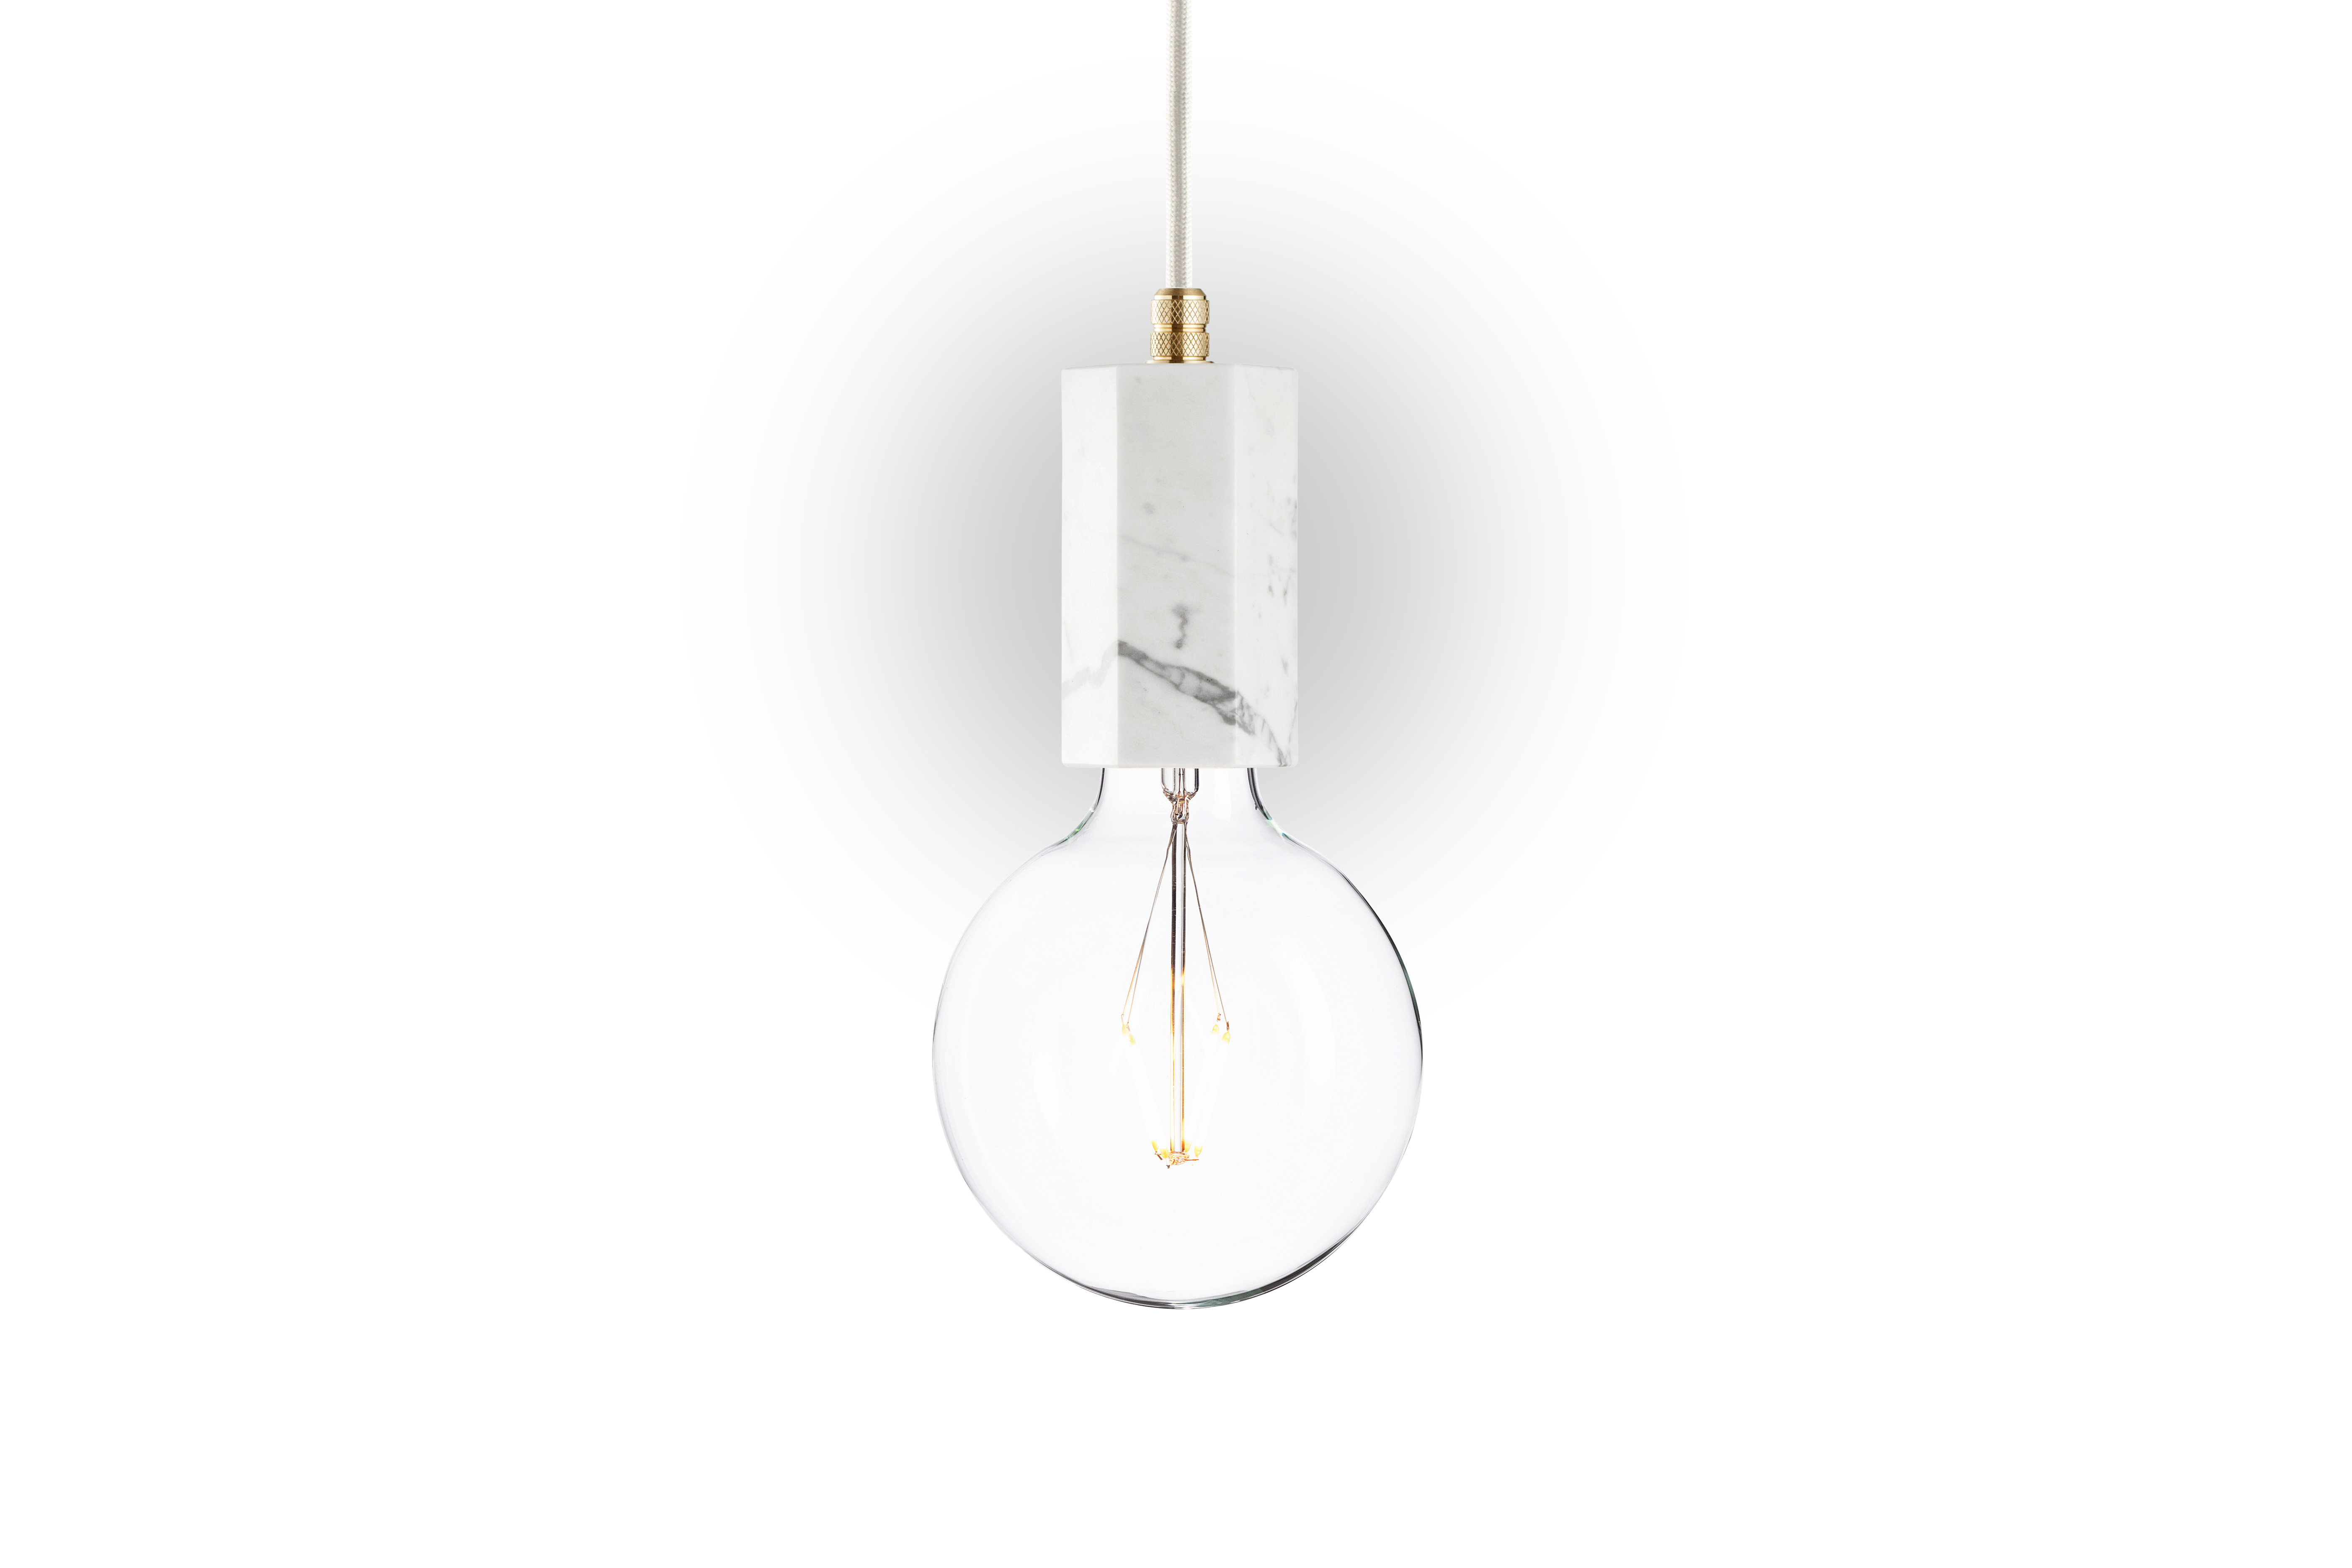 Подвесной светильник Marmor TromПодвесные светильники<br>Подвесной светильник &amp;quot;Marmor Trom&amp;quot; ? превосходный пример элегантного оформления, в котором простота встречается с роскошью. Строгая геометрия основания дарит лампе лоск минимализма. Изысканный узор настоящего белого мрамора позволяет светильнику в стиле лофт завораживать своей утонченностью каждого.&amp;lt;div&amp;gt;&amp;lt;br&amp;gt;&amp;lt;/div&amp;gt;&amp;lt;div&amp;gt;Лампочка приобретается отдельно. Цоколь Е27, максимальная мощность лампочки - 60 W, длина шнура - 3 м.&amp;amp;nbsp;&amp;amp;nbsp;&amp;lt;/div&amp;gt;&amp;lt;div&amp;gt;Материал: корпус - мрамор &amp;amp;nbsp;Bianco Carrara, фурнитура - латунь, сталь, патрон - пластик, кабель в оплетке. Под заказ. Срок изготовления 3 недели.&amp;amp;nbsp;&amp;lt;/div&amp;gt;<br><br>Material: Мрамор